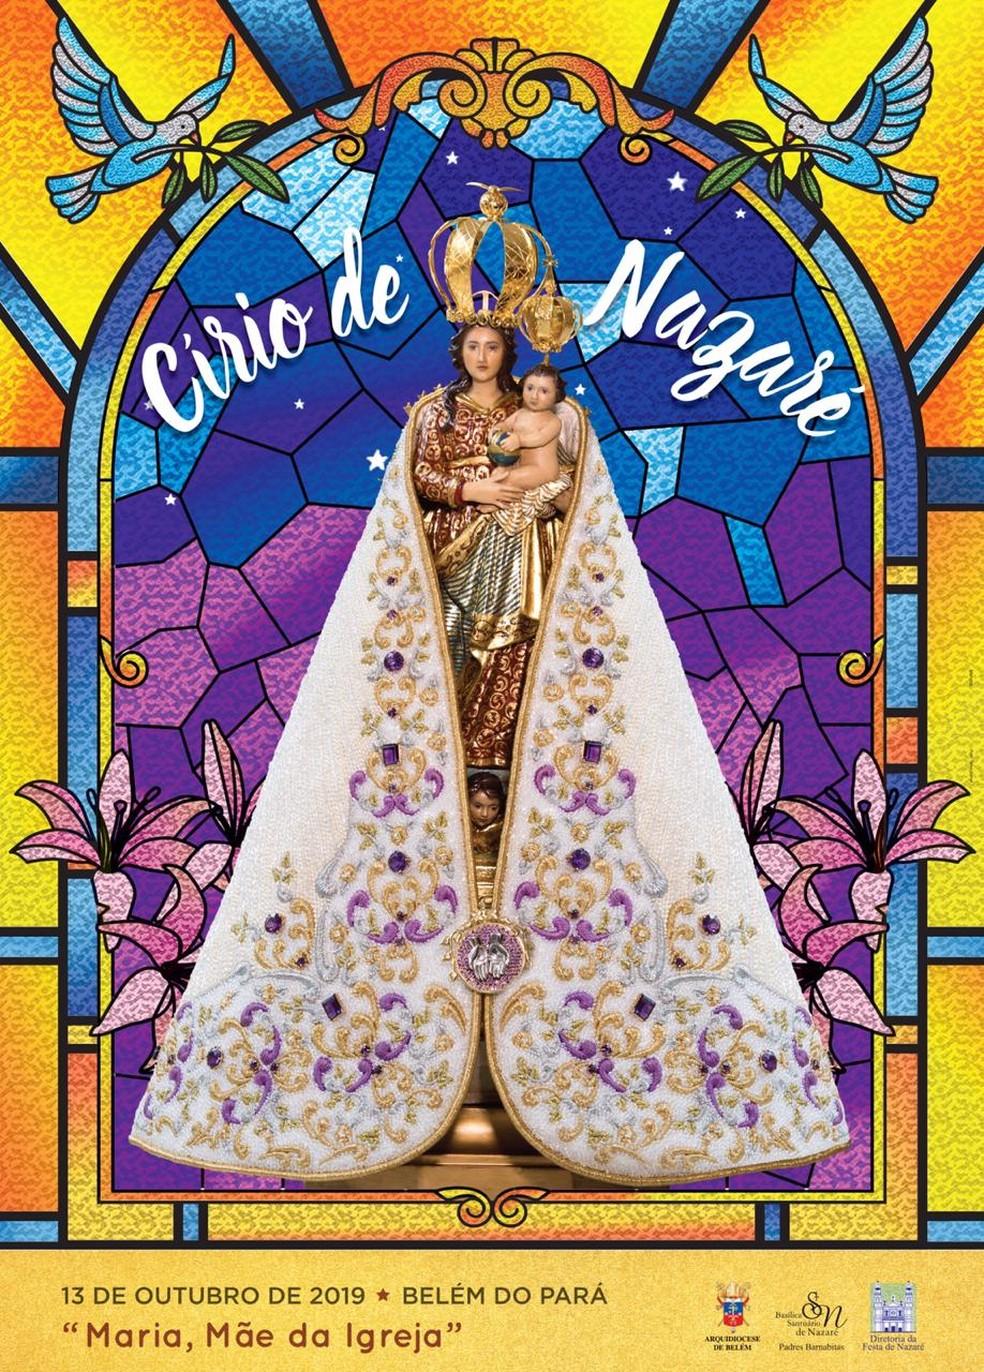 Cartaz do Círio de Nazaré 2019 foi apresentado em Belém. — Foto: Divulgação